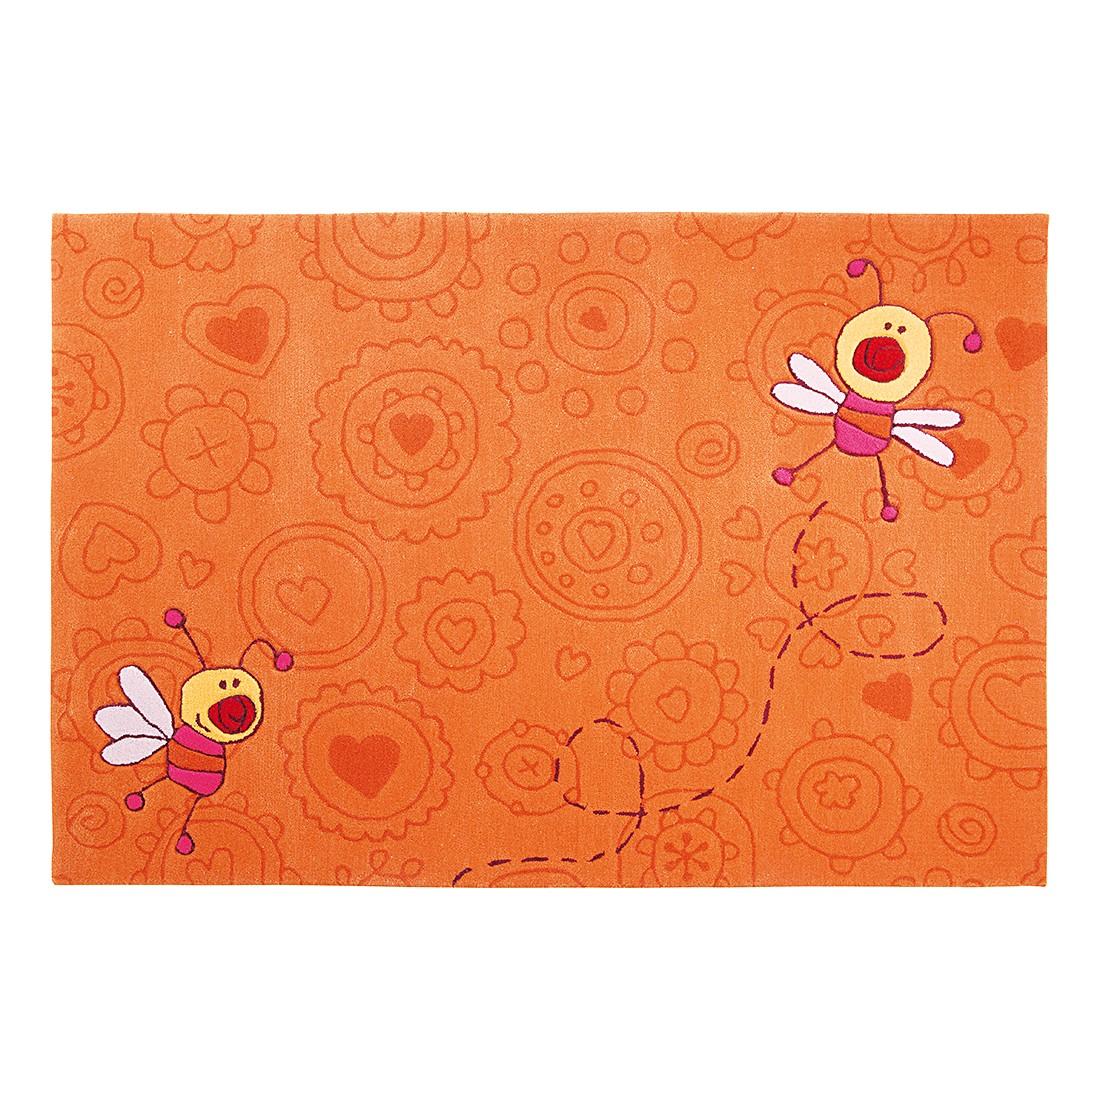 Teppich Sigikid Happy Zoo Summ-Summ Big Size - 170 x 240 cm, Sigikid